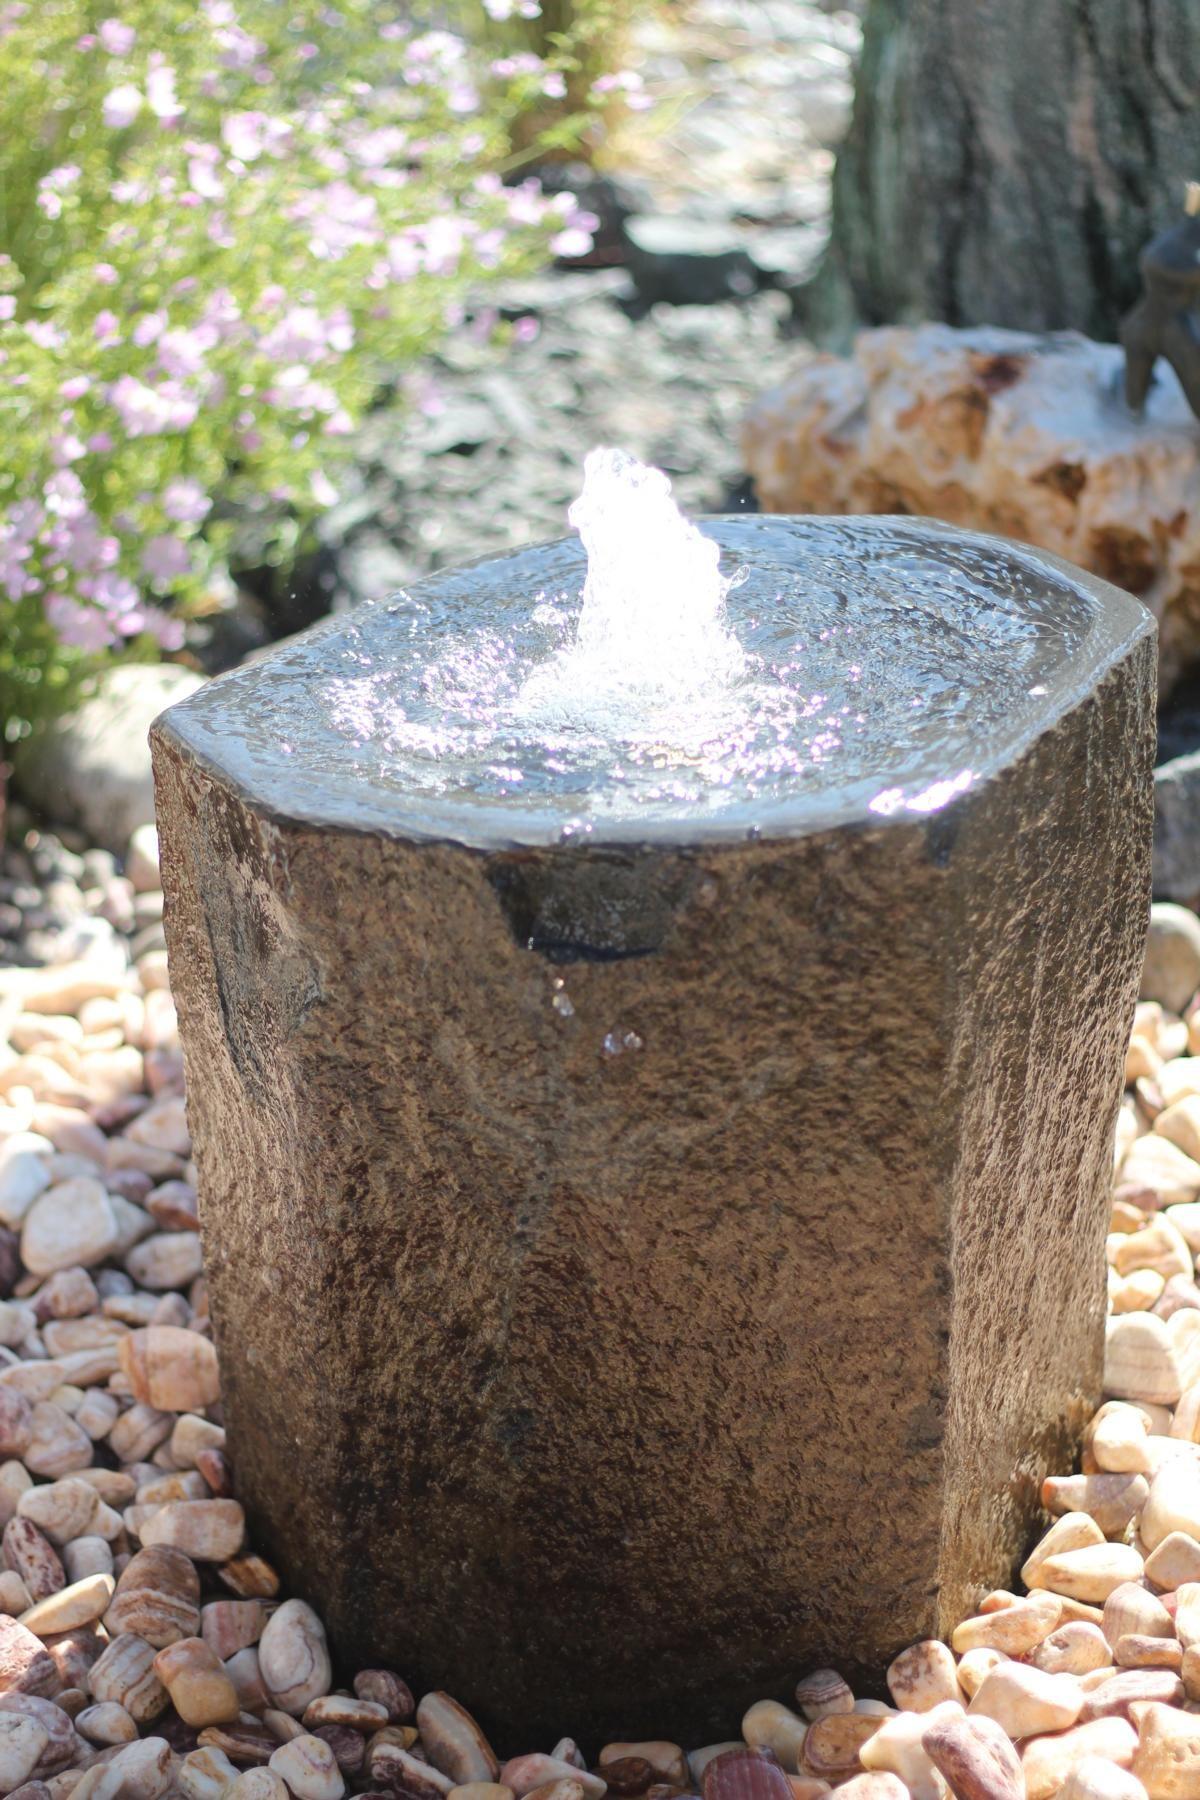 Wasserspiel Brunnen Naturstein Quellstein Basalt Wasser Im Garten Ausstellung Brunnenschmiede De Wasser Im Garten Gartenbrunnen Landschaftsdesign